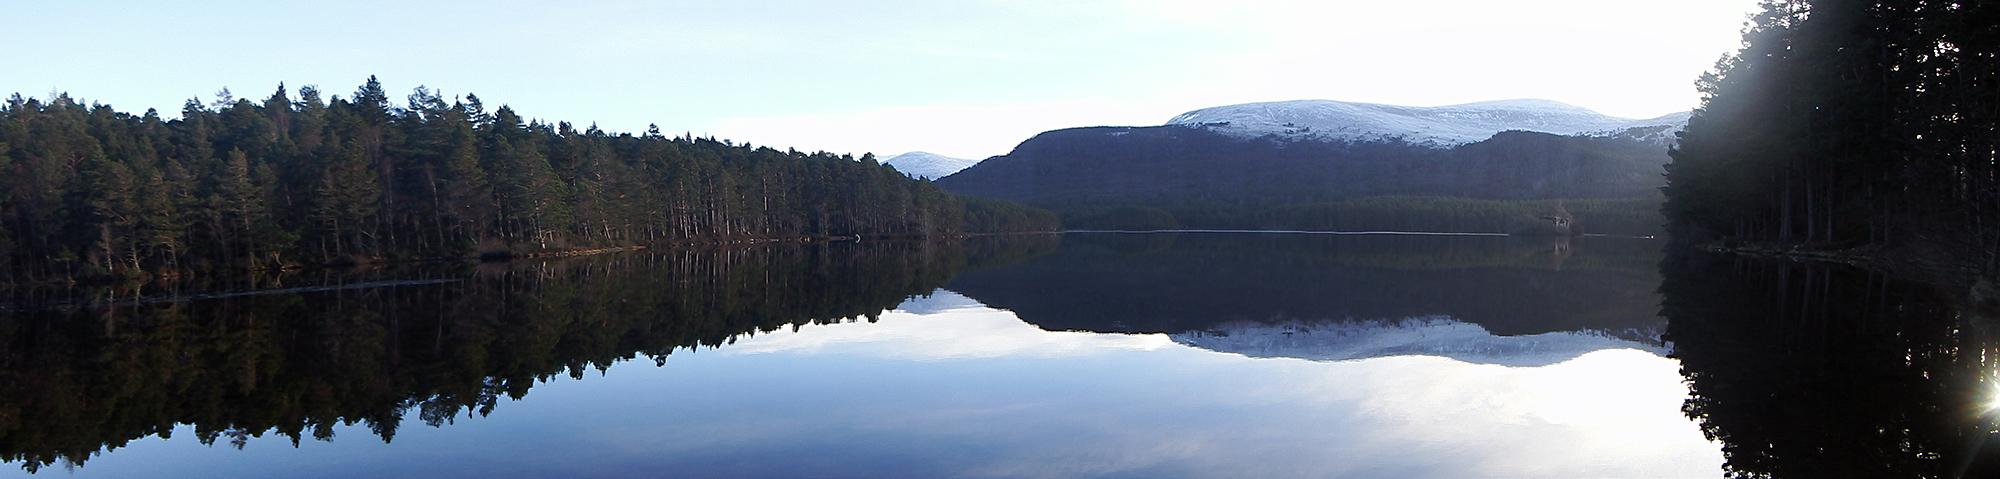 Loch An Eilien Cairngorms Winter Landscape Scotland Cross Country